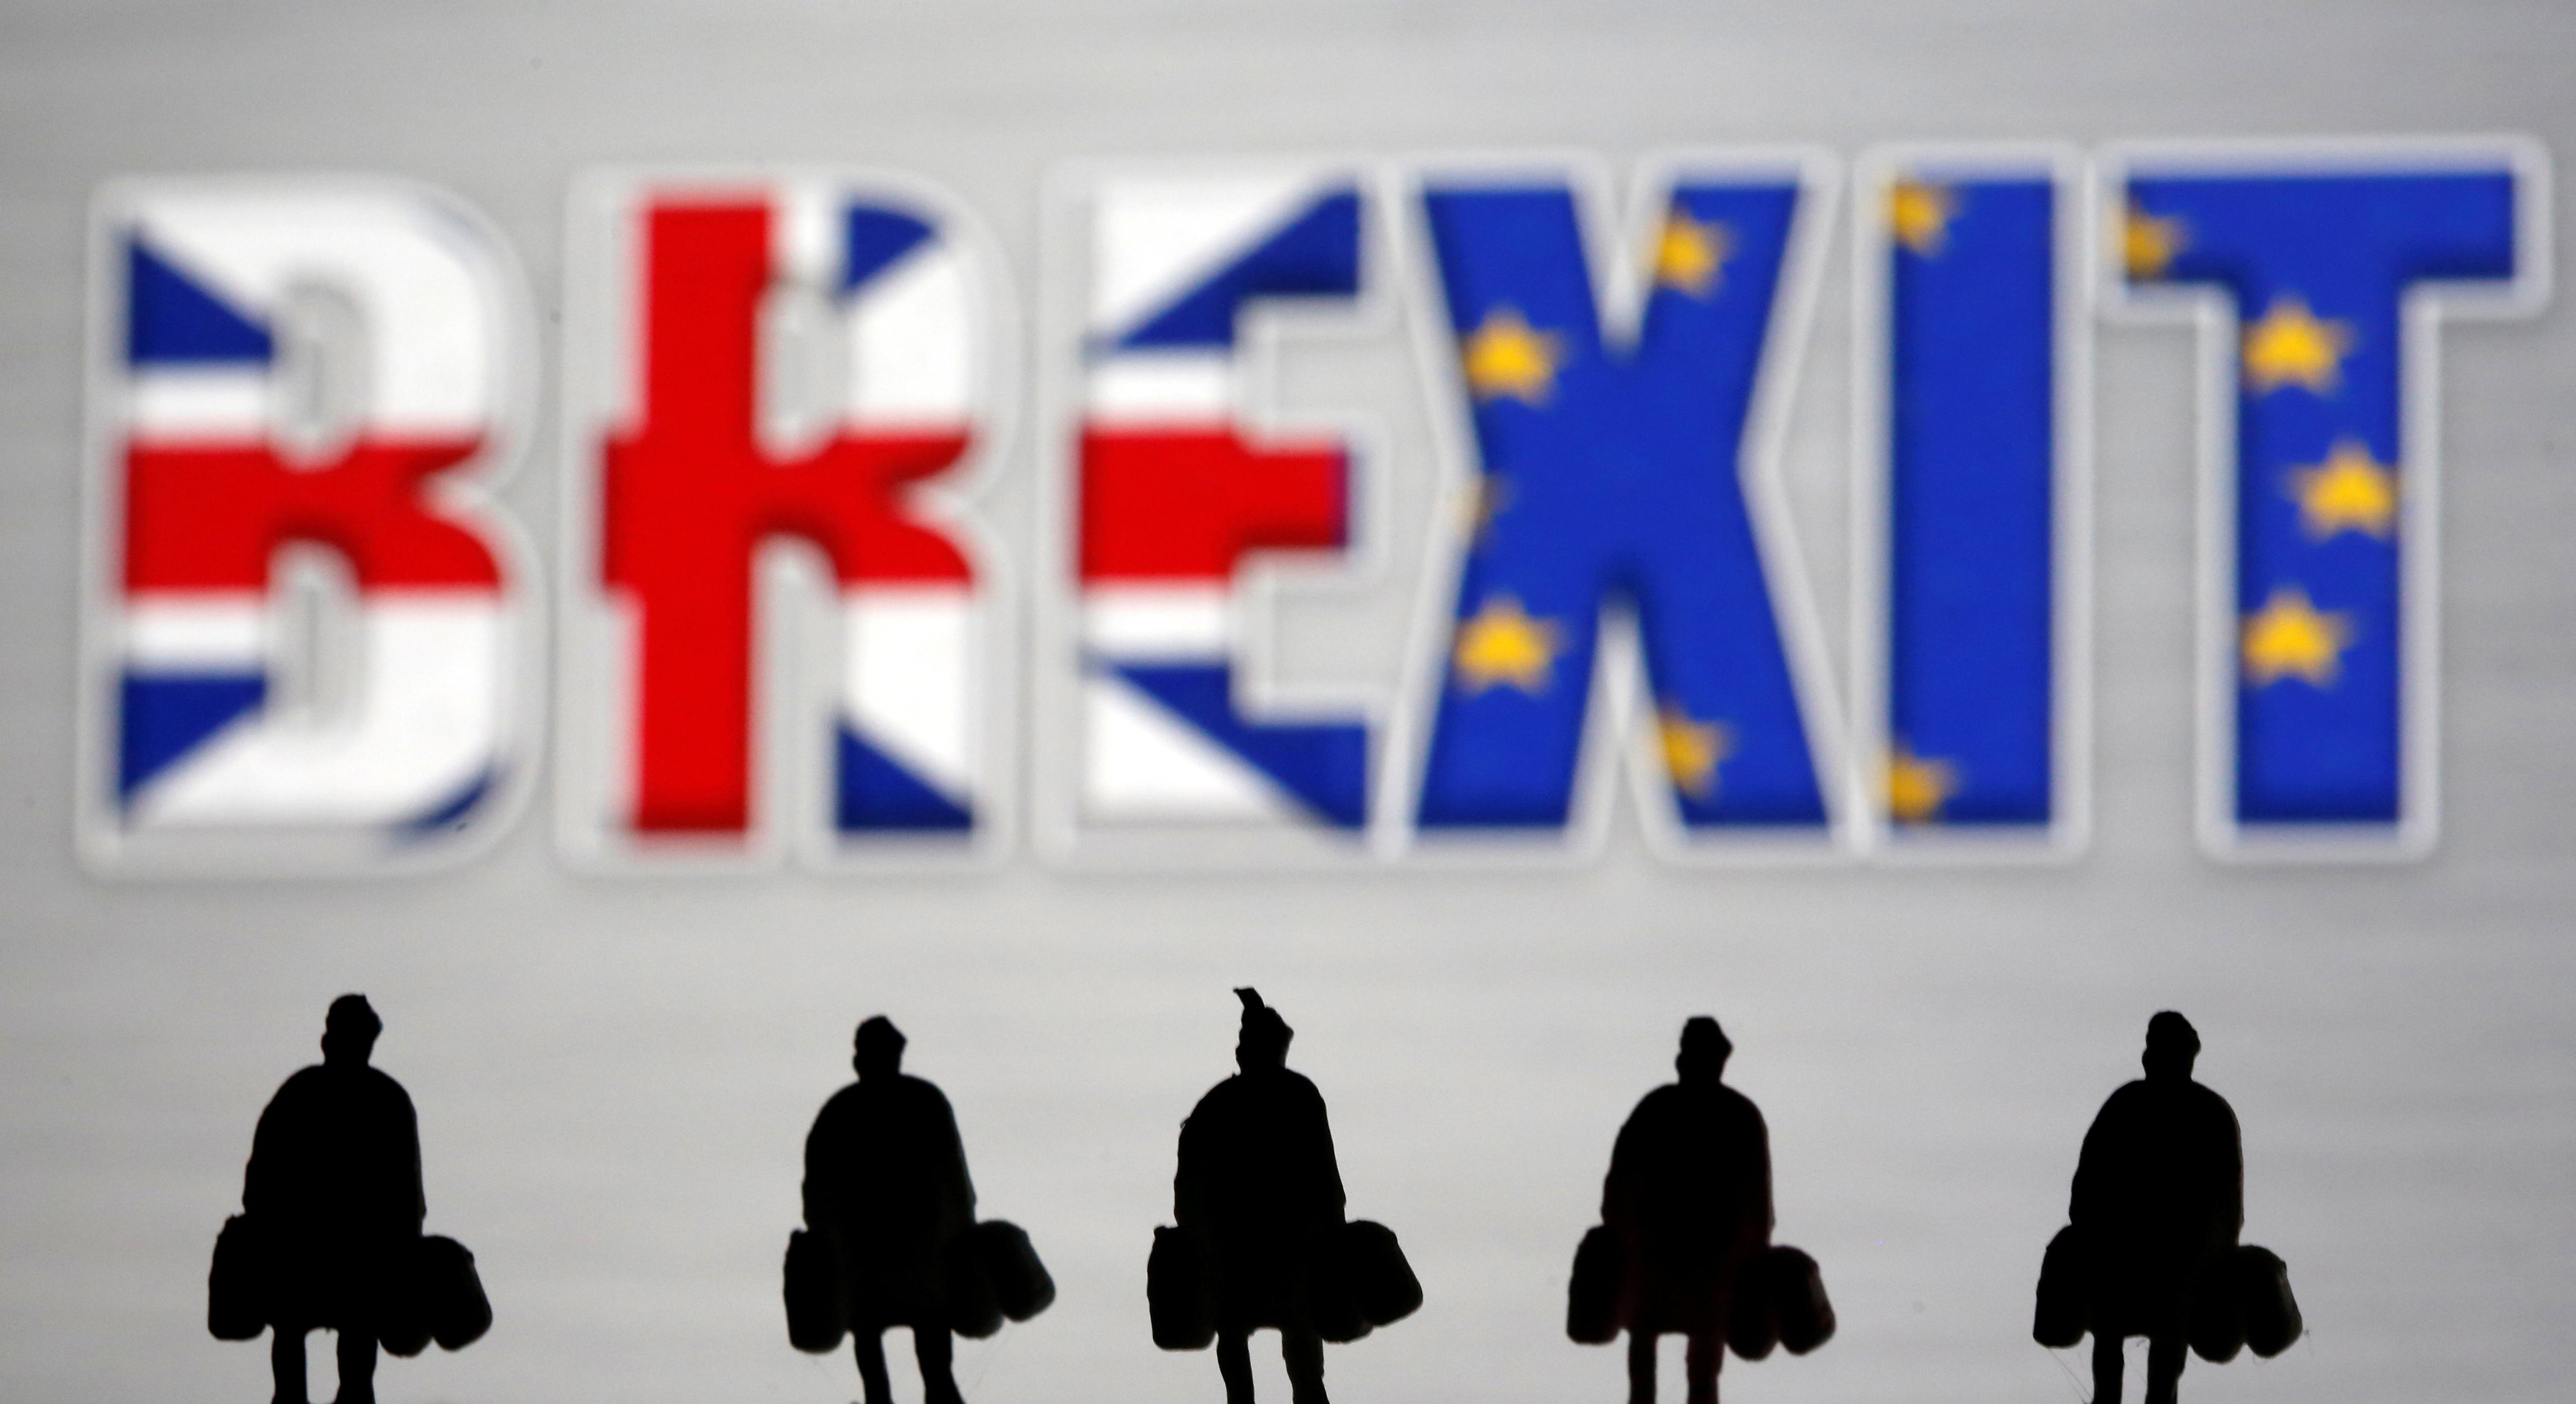 l-ue-veut-un-droit-de-veto-sur-des-normes-britanniques-post-brexit-selon-la-presse